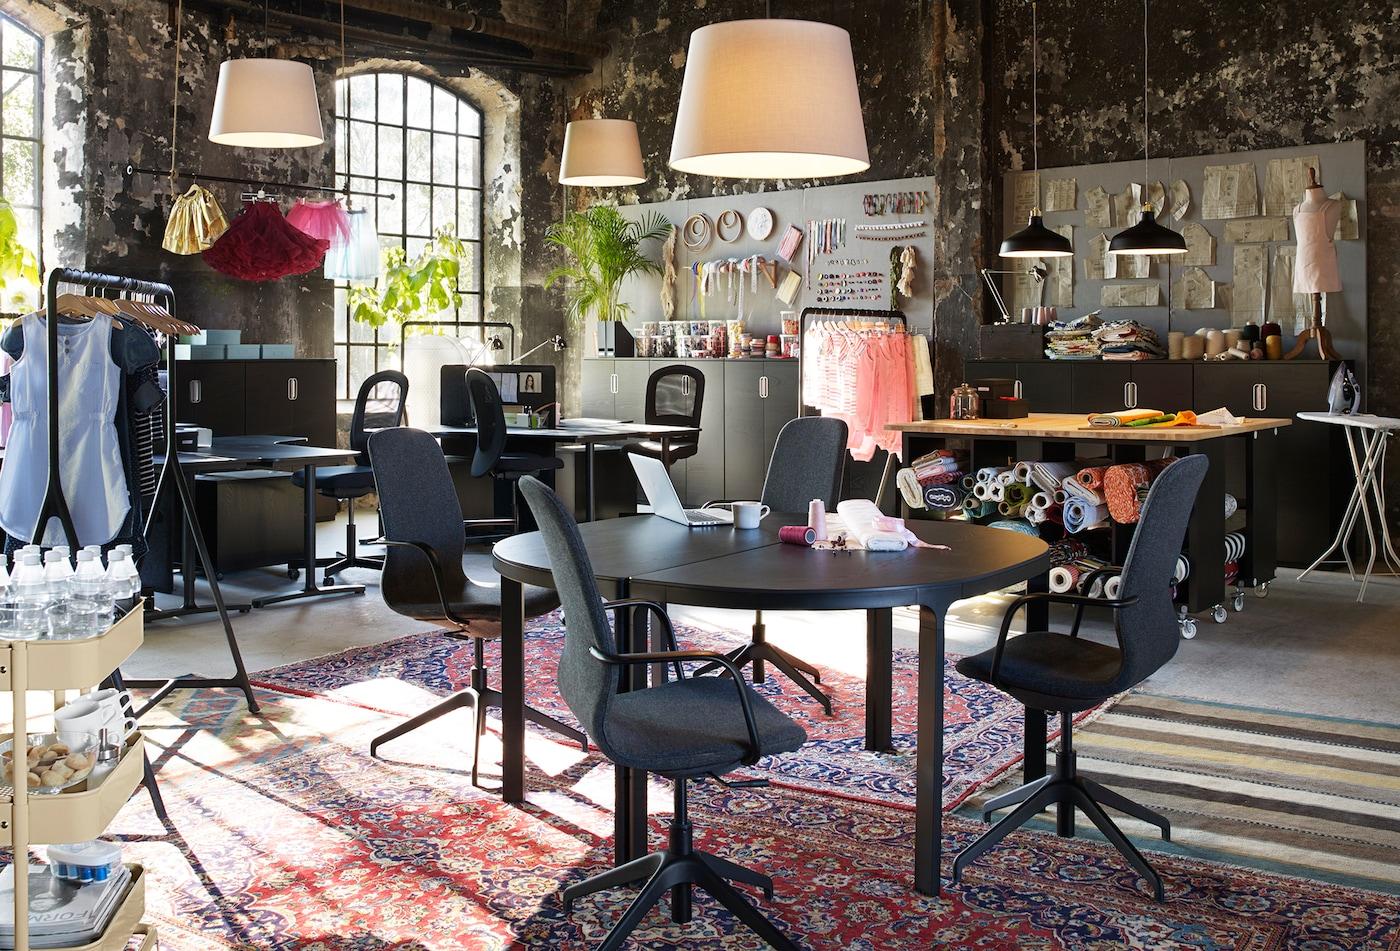 Ein kreatives Großraumbüro mit runden Konferenztischen, LÅNGFJÄLL Drehstühlen & bunten Teppichen